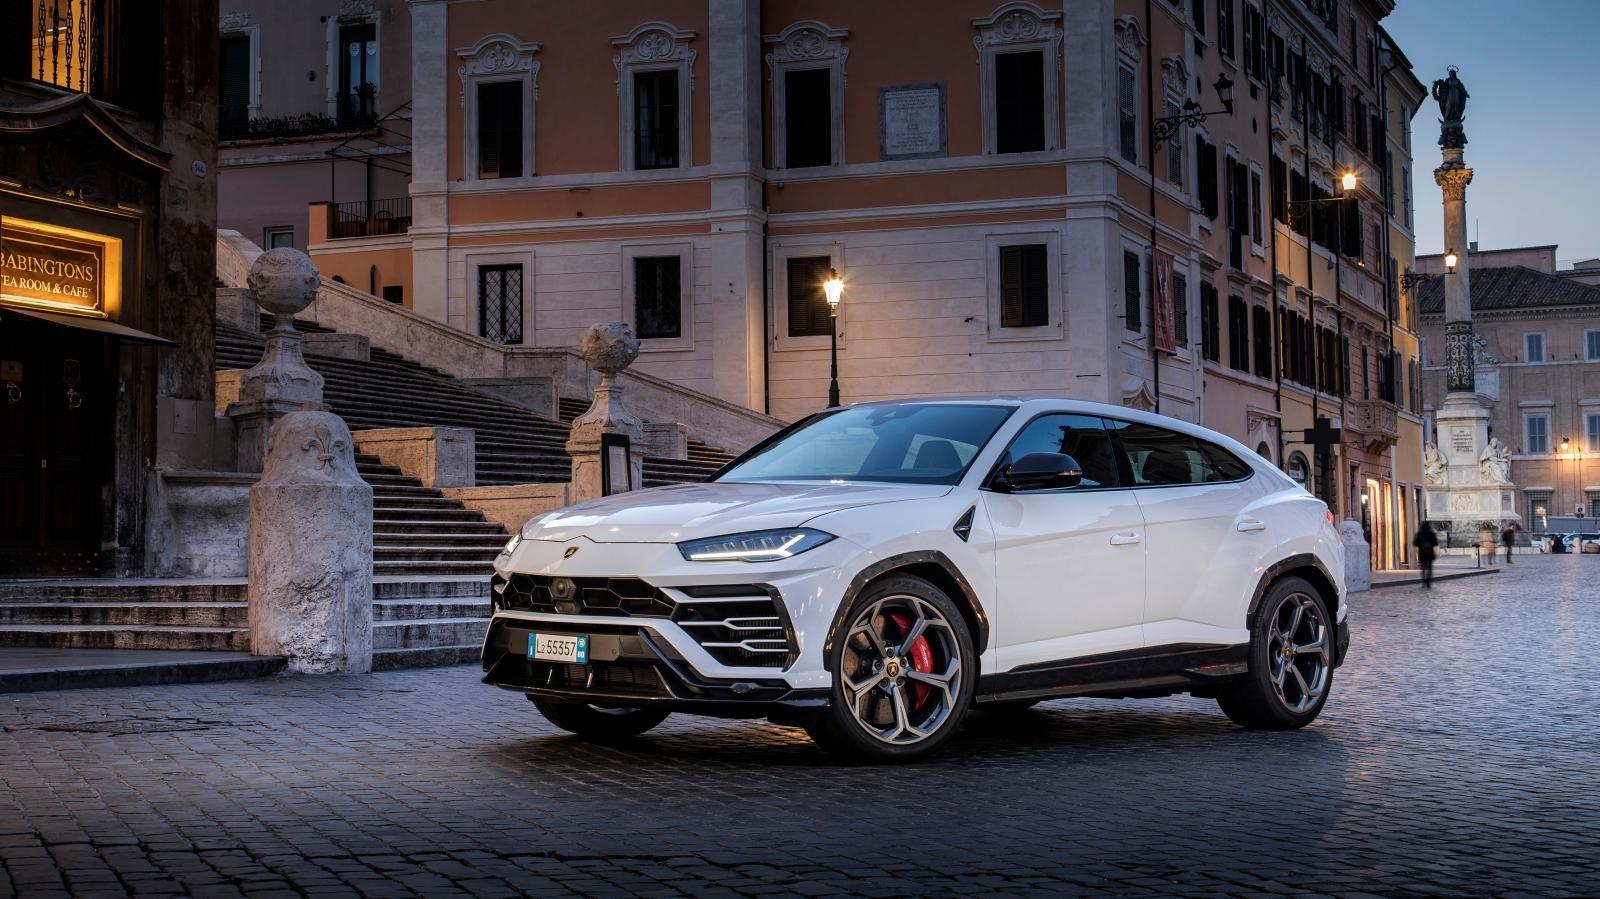 Lamborghini Urus là chiếc siêu xe đang được săn đón trên toàn cầu